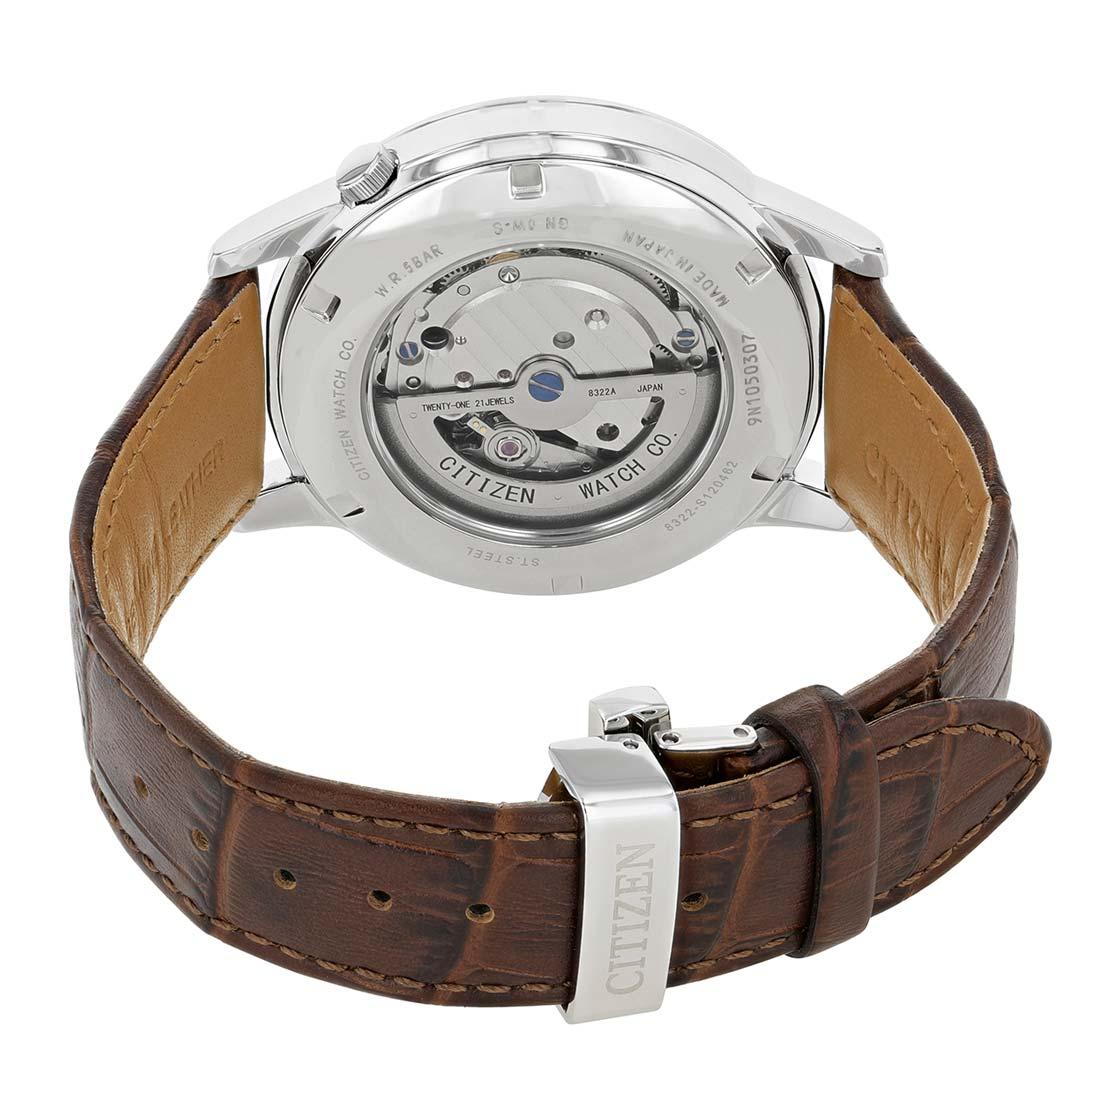 ساعت مچی عقربهای مردانه سیتی زن مدل NK5000-12P